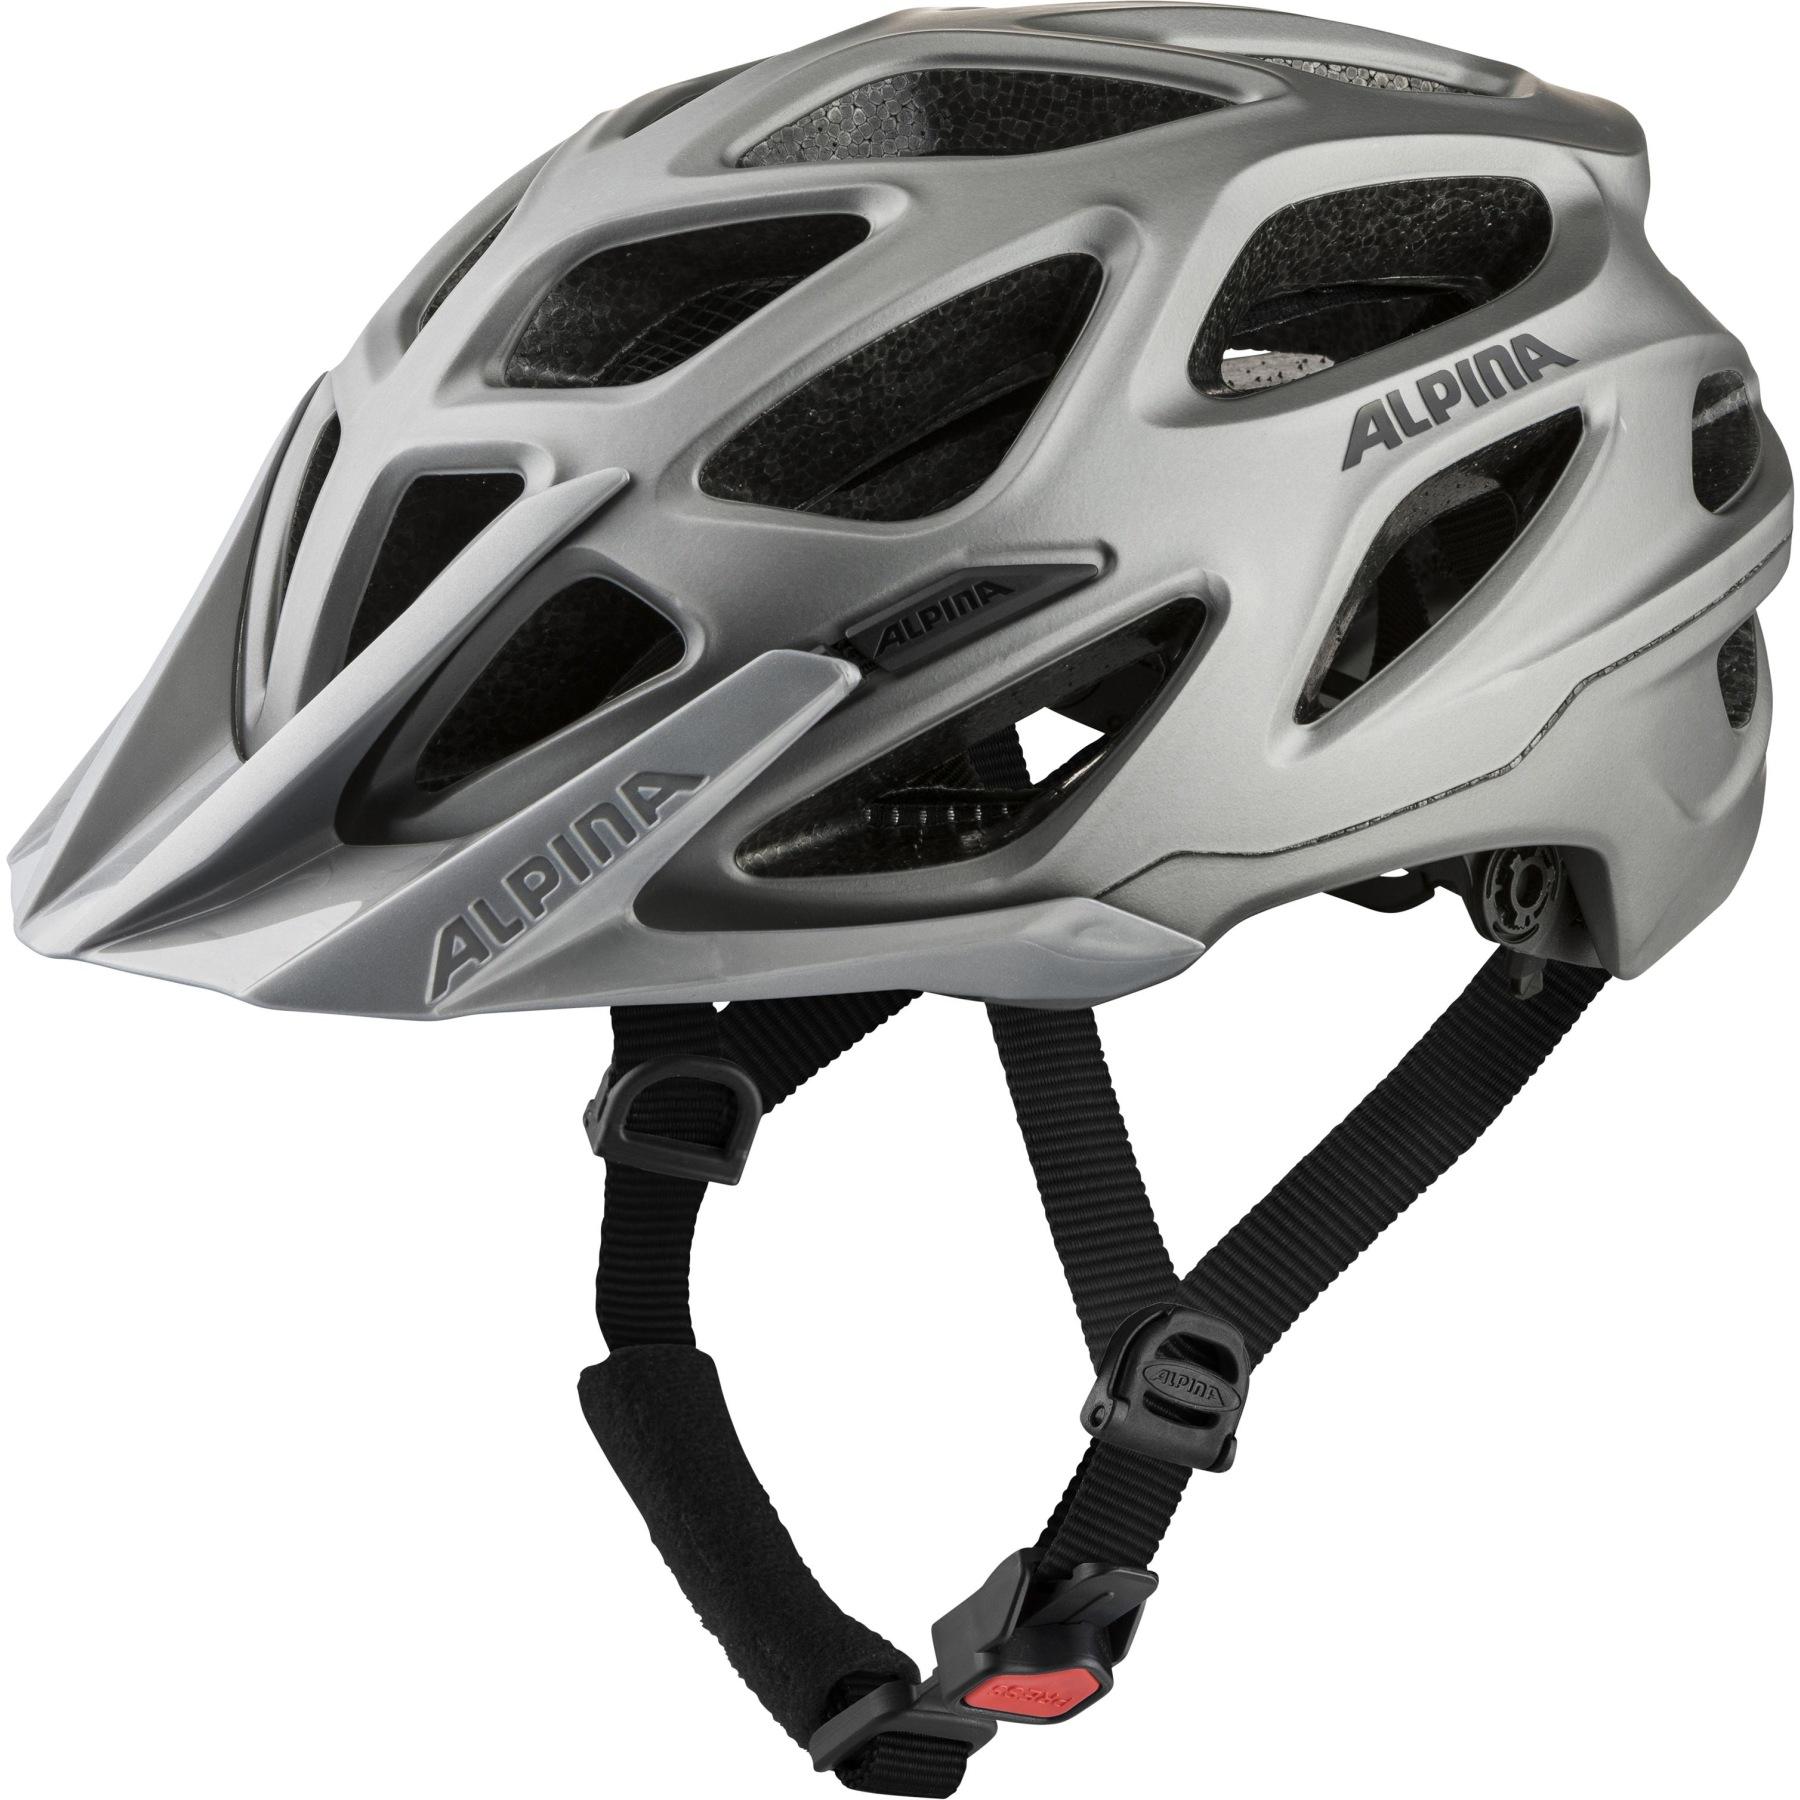 Alpina Mythos 3.0 L.E. Helmet - dark-silver matt